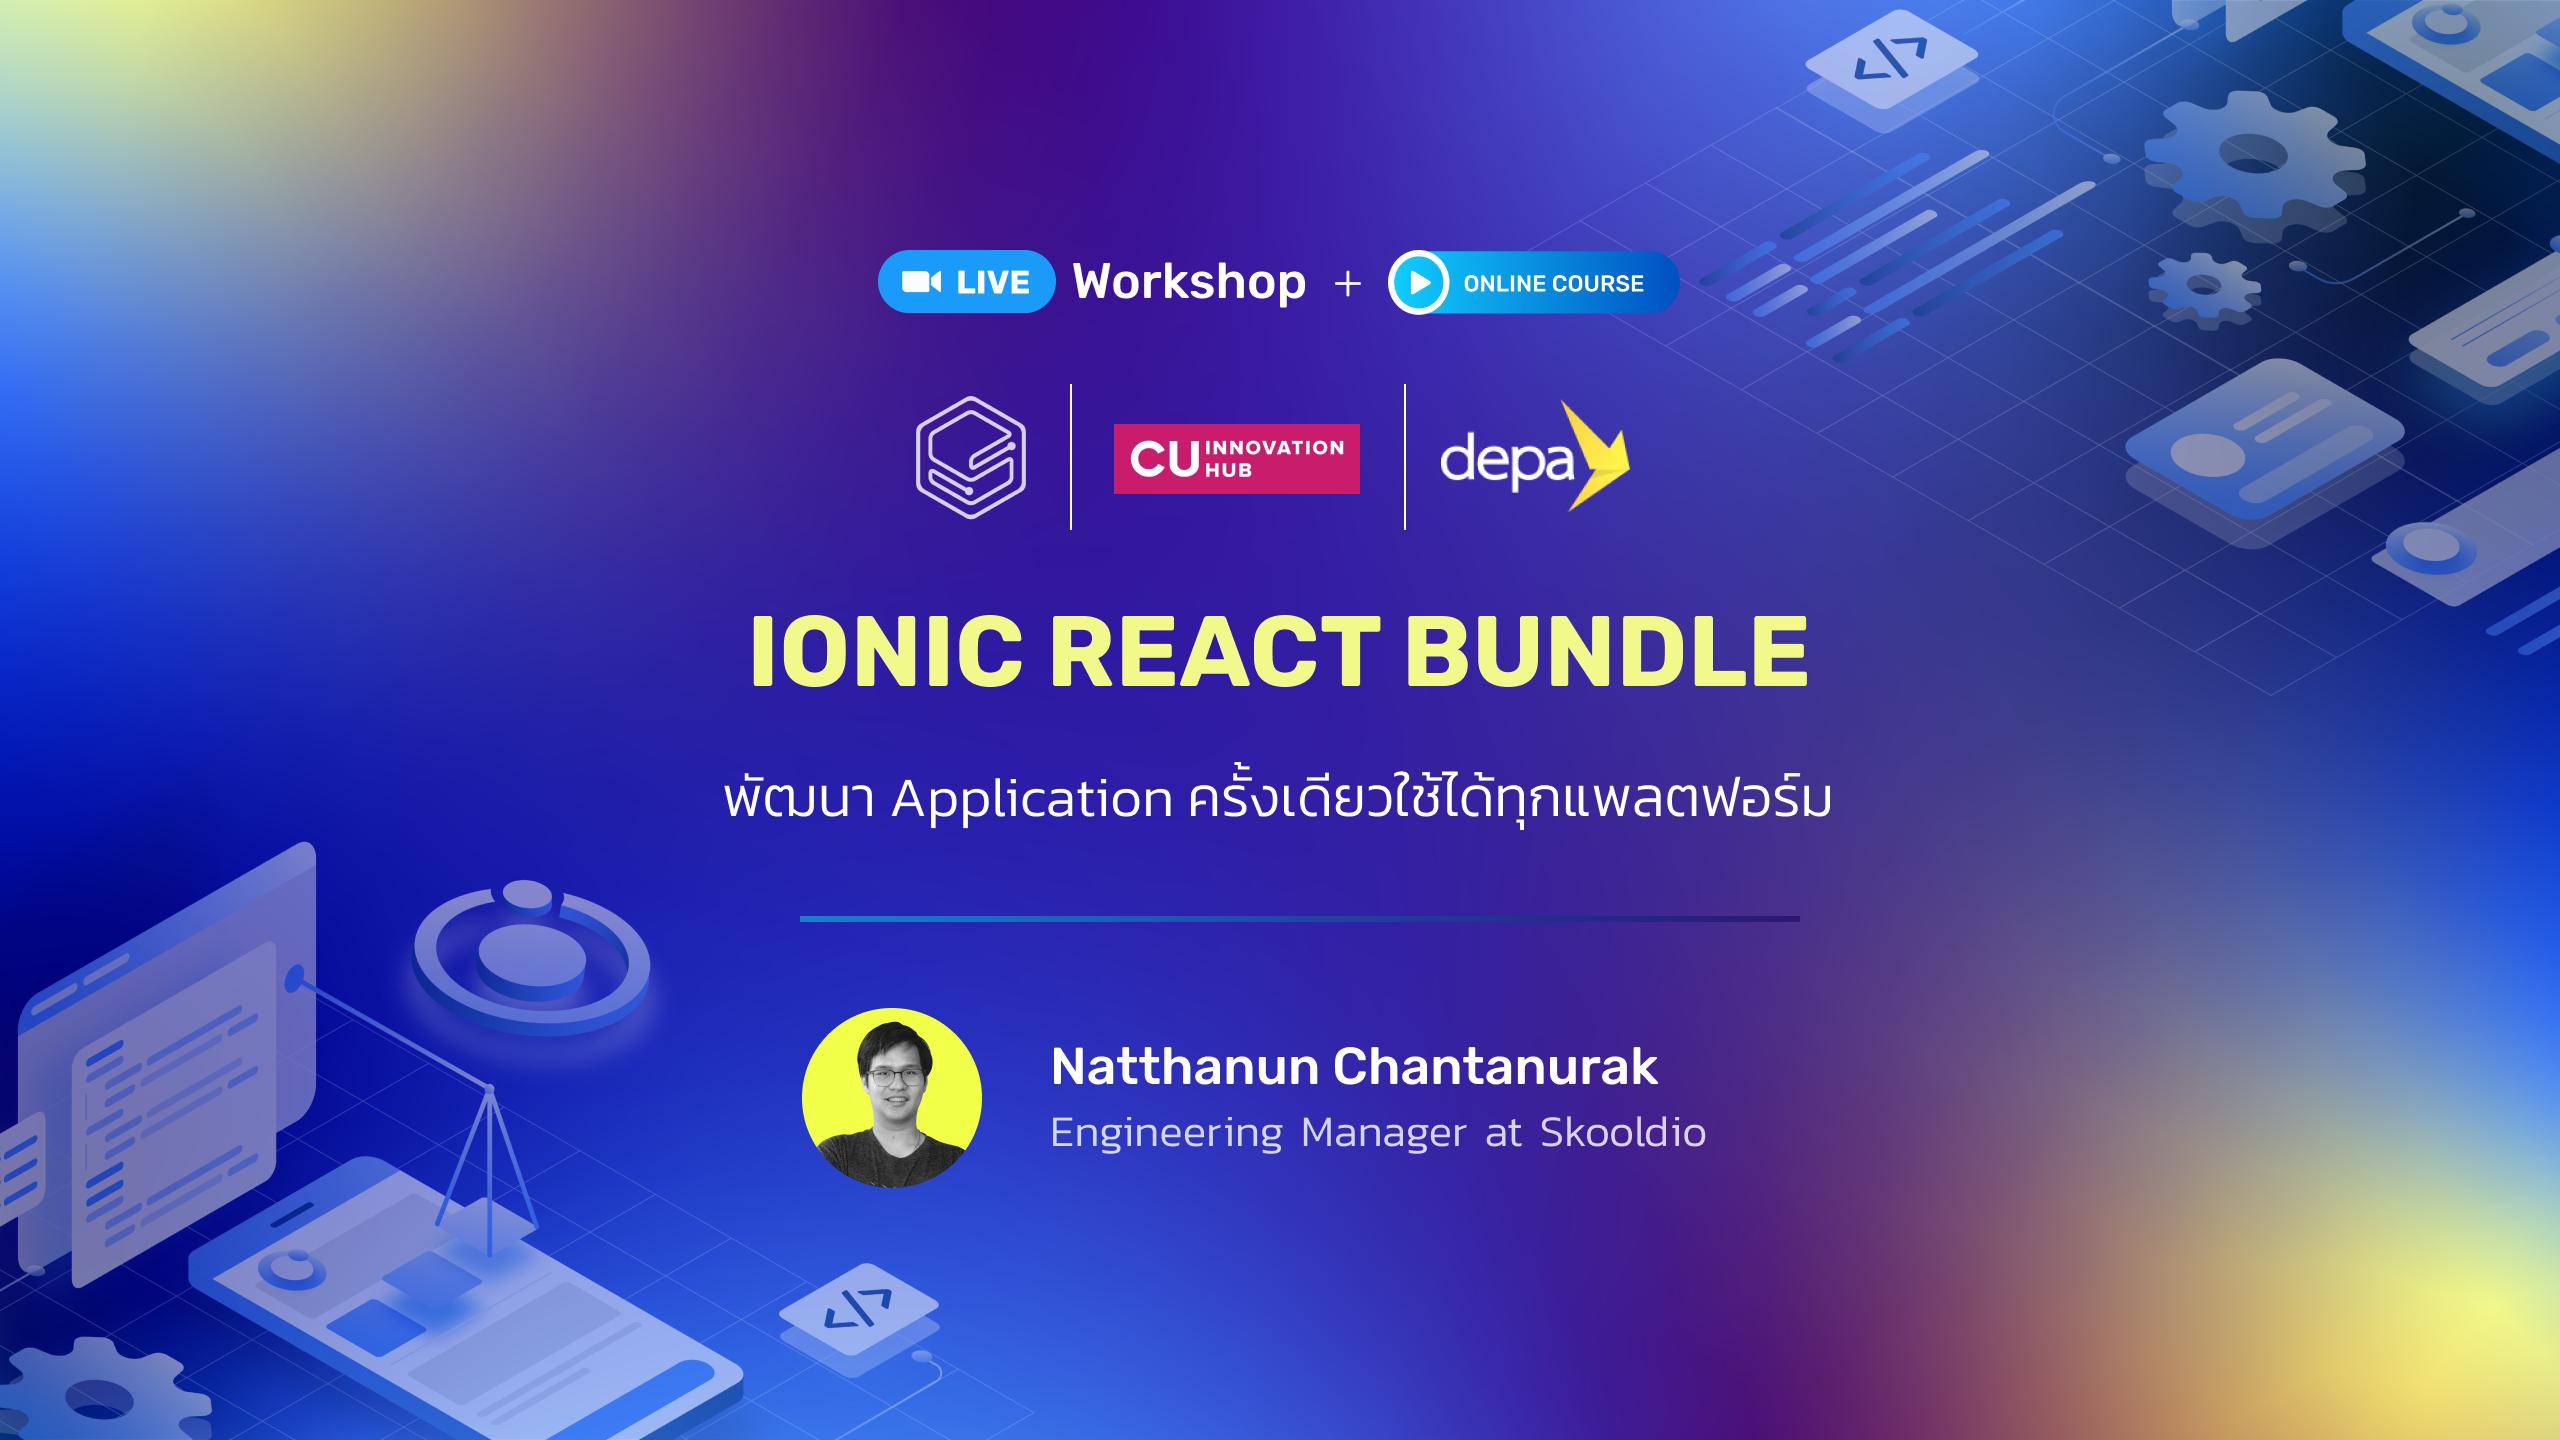 พัฒนา Application ครั้งเดียวใช้ได้ทุกแพลตฟอร์ม | Skooldio Live Workshop: Ionic React Bundle (สำหรับผู้ที่เคยใช้ React)